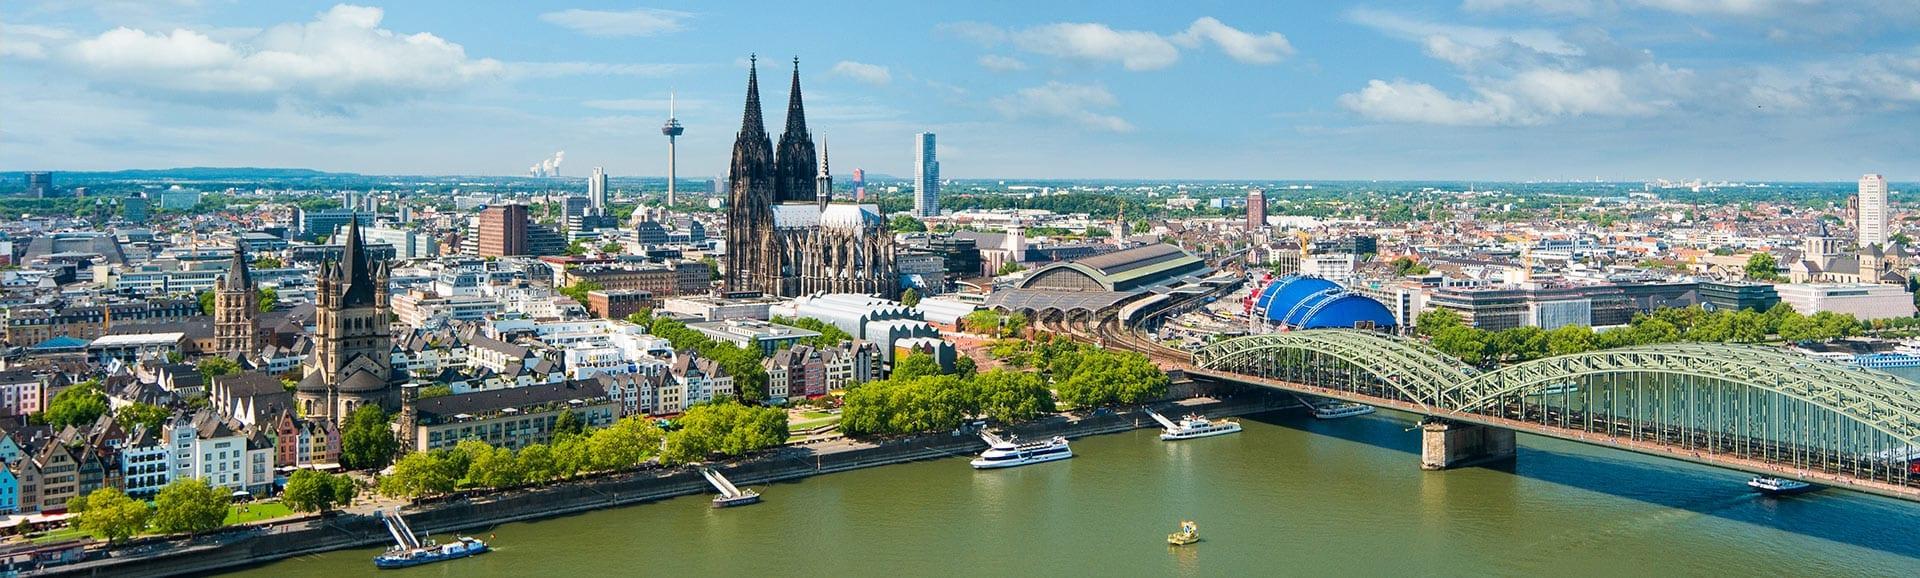 Blick über den Raum auf den Kölner Dom